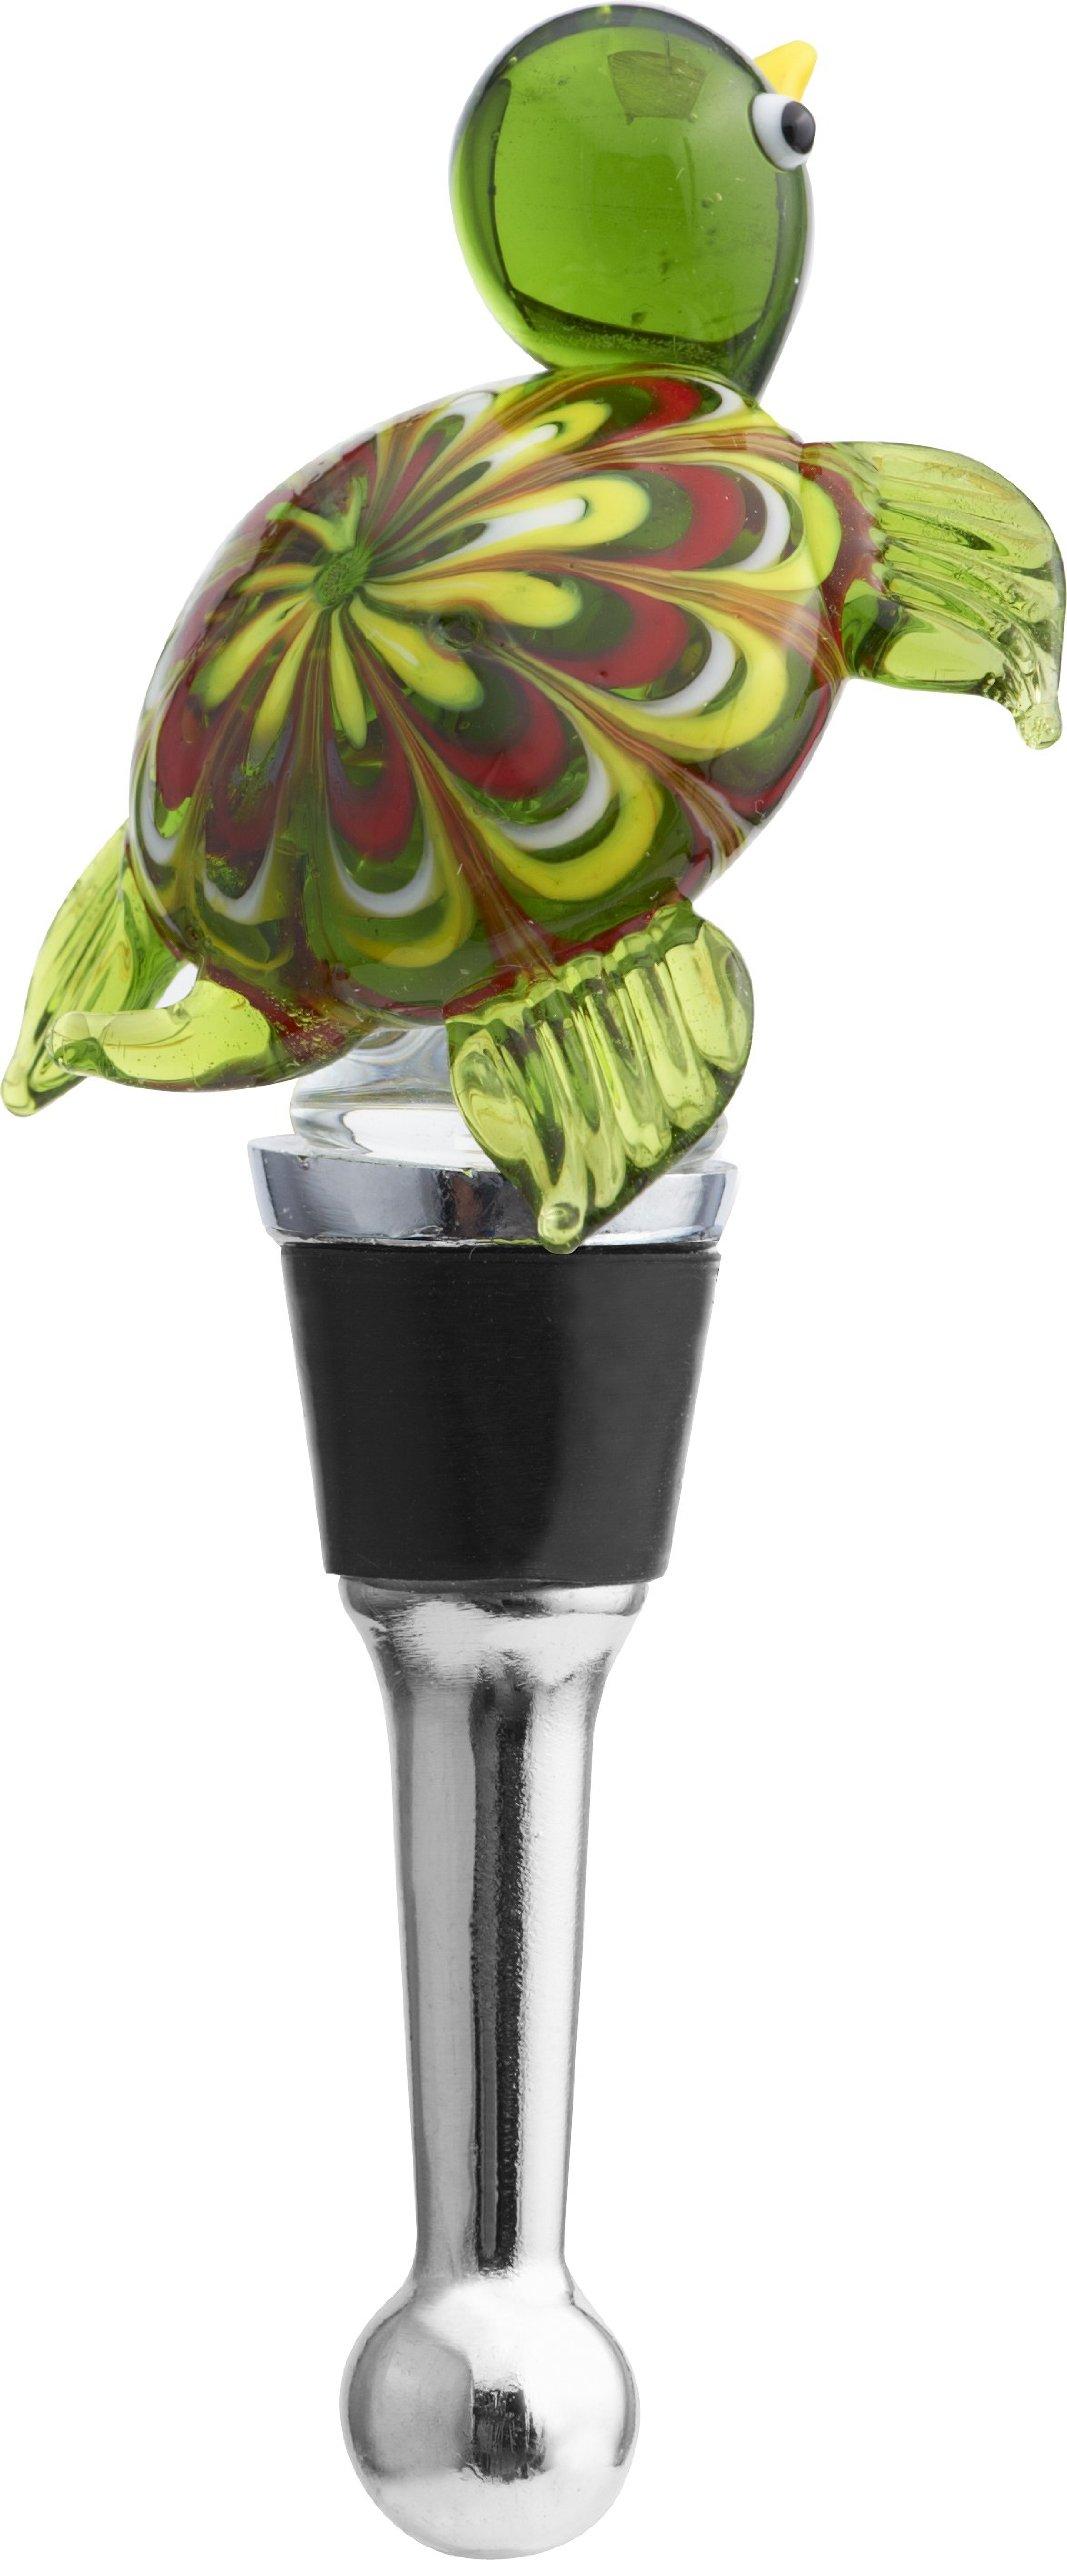 LSArts Wine Bottle Stopper, Venetian Turtle